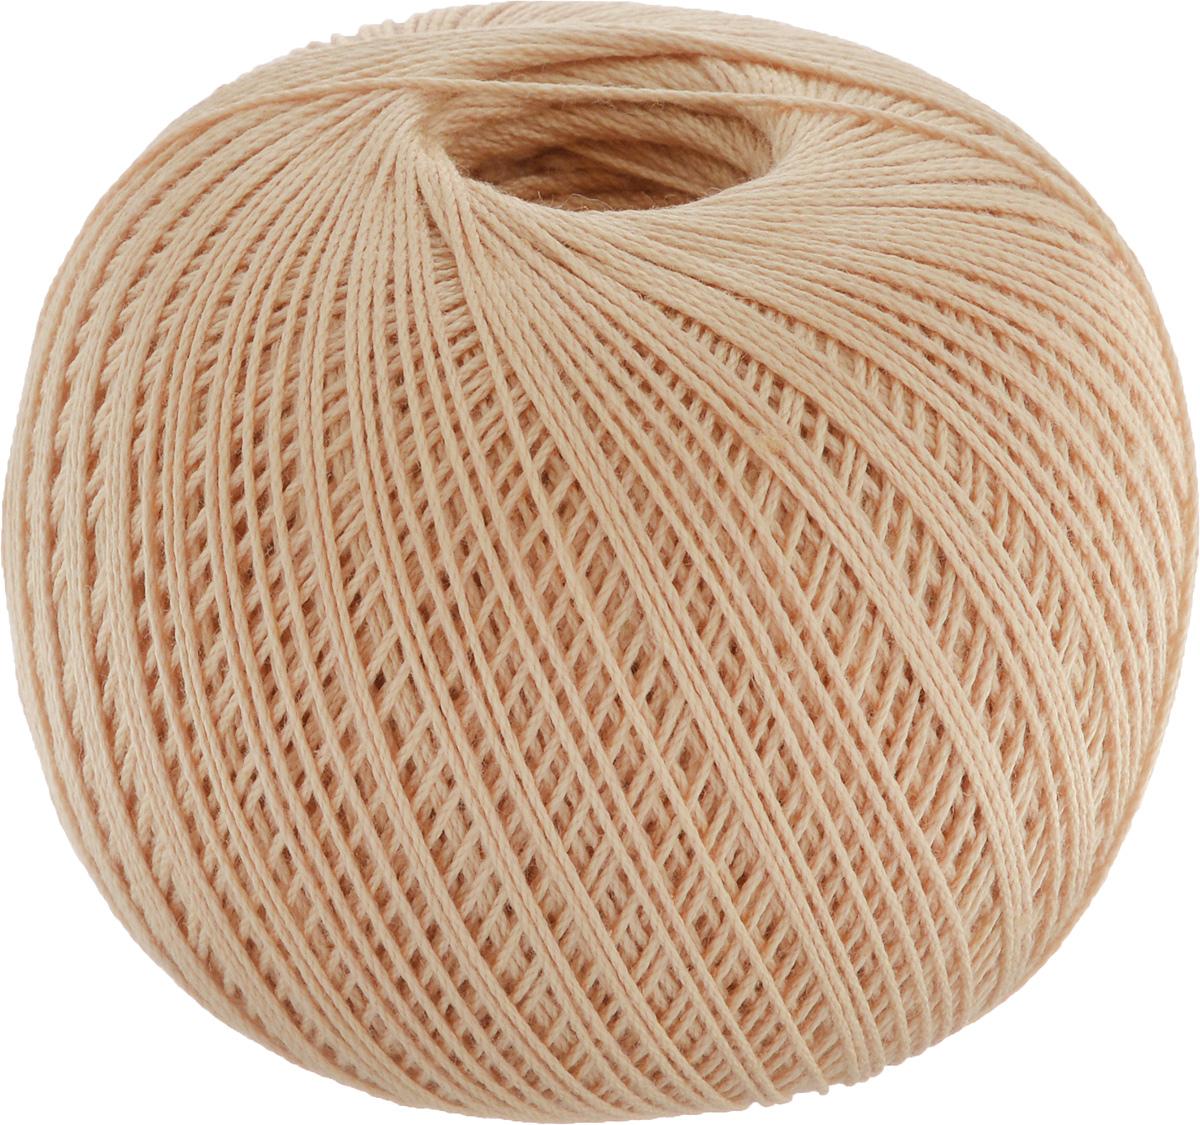 Rose нитки для вязания 16